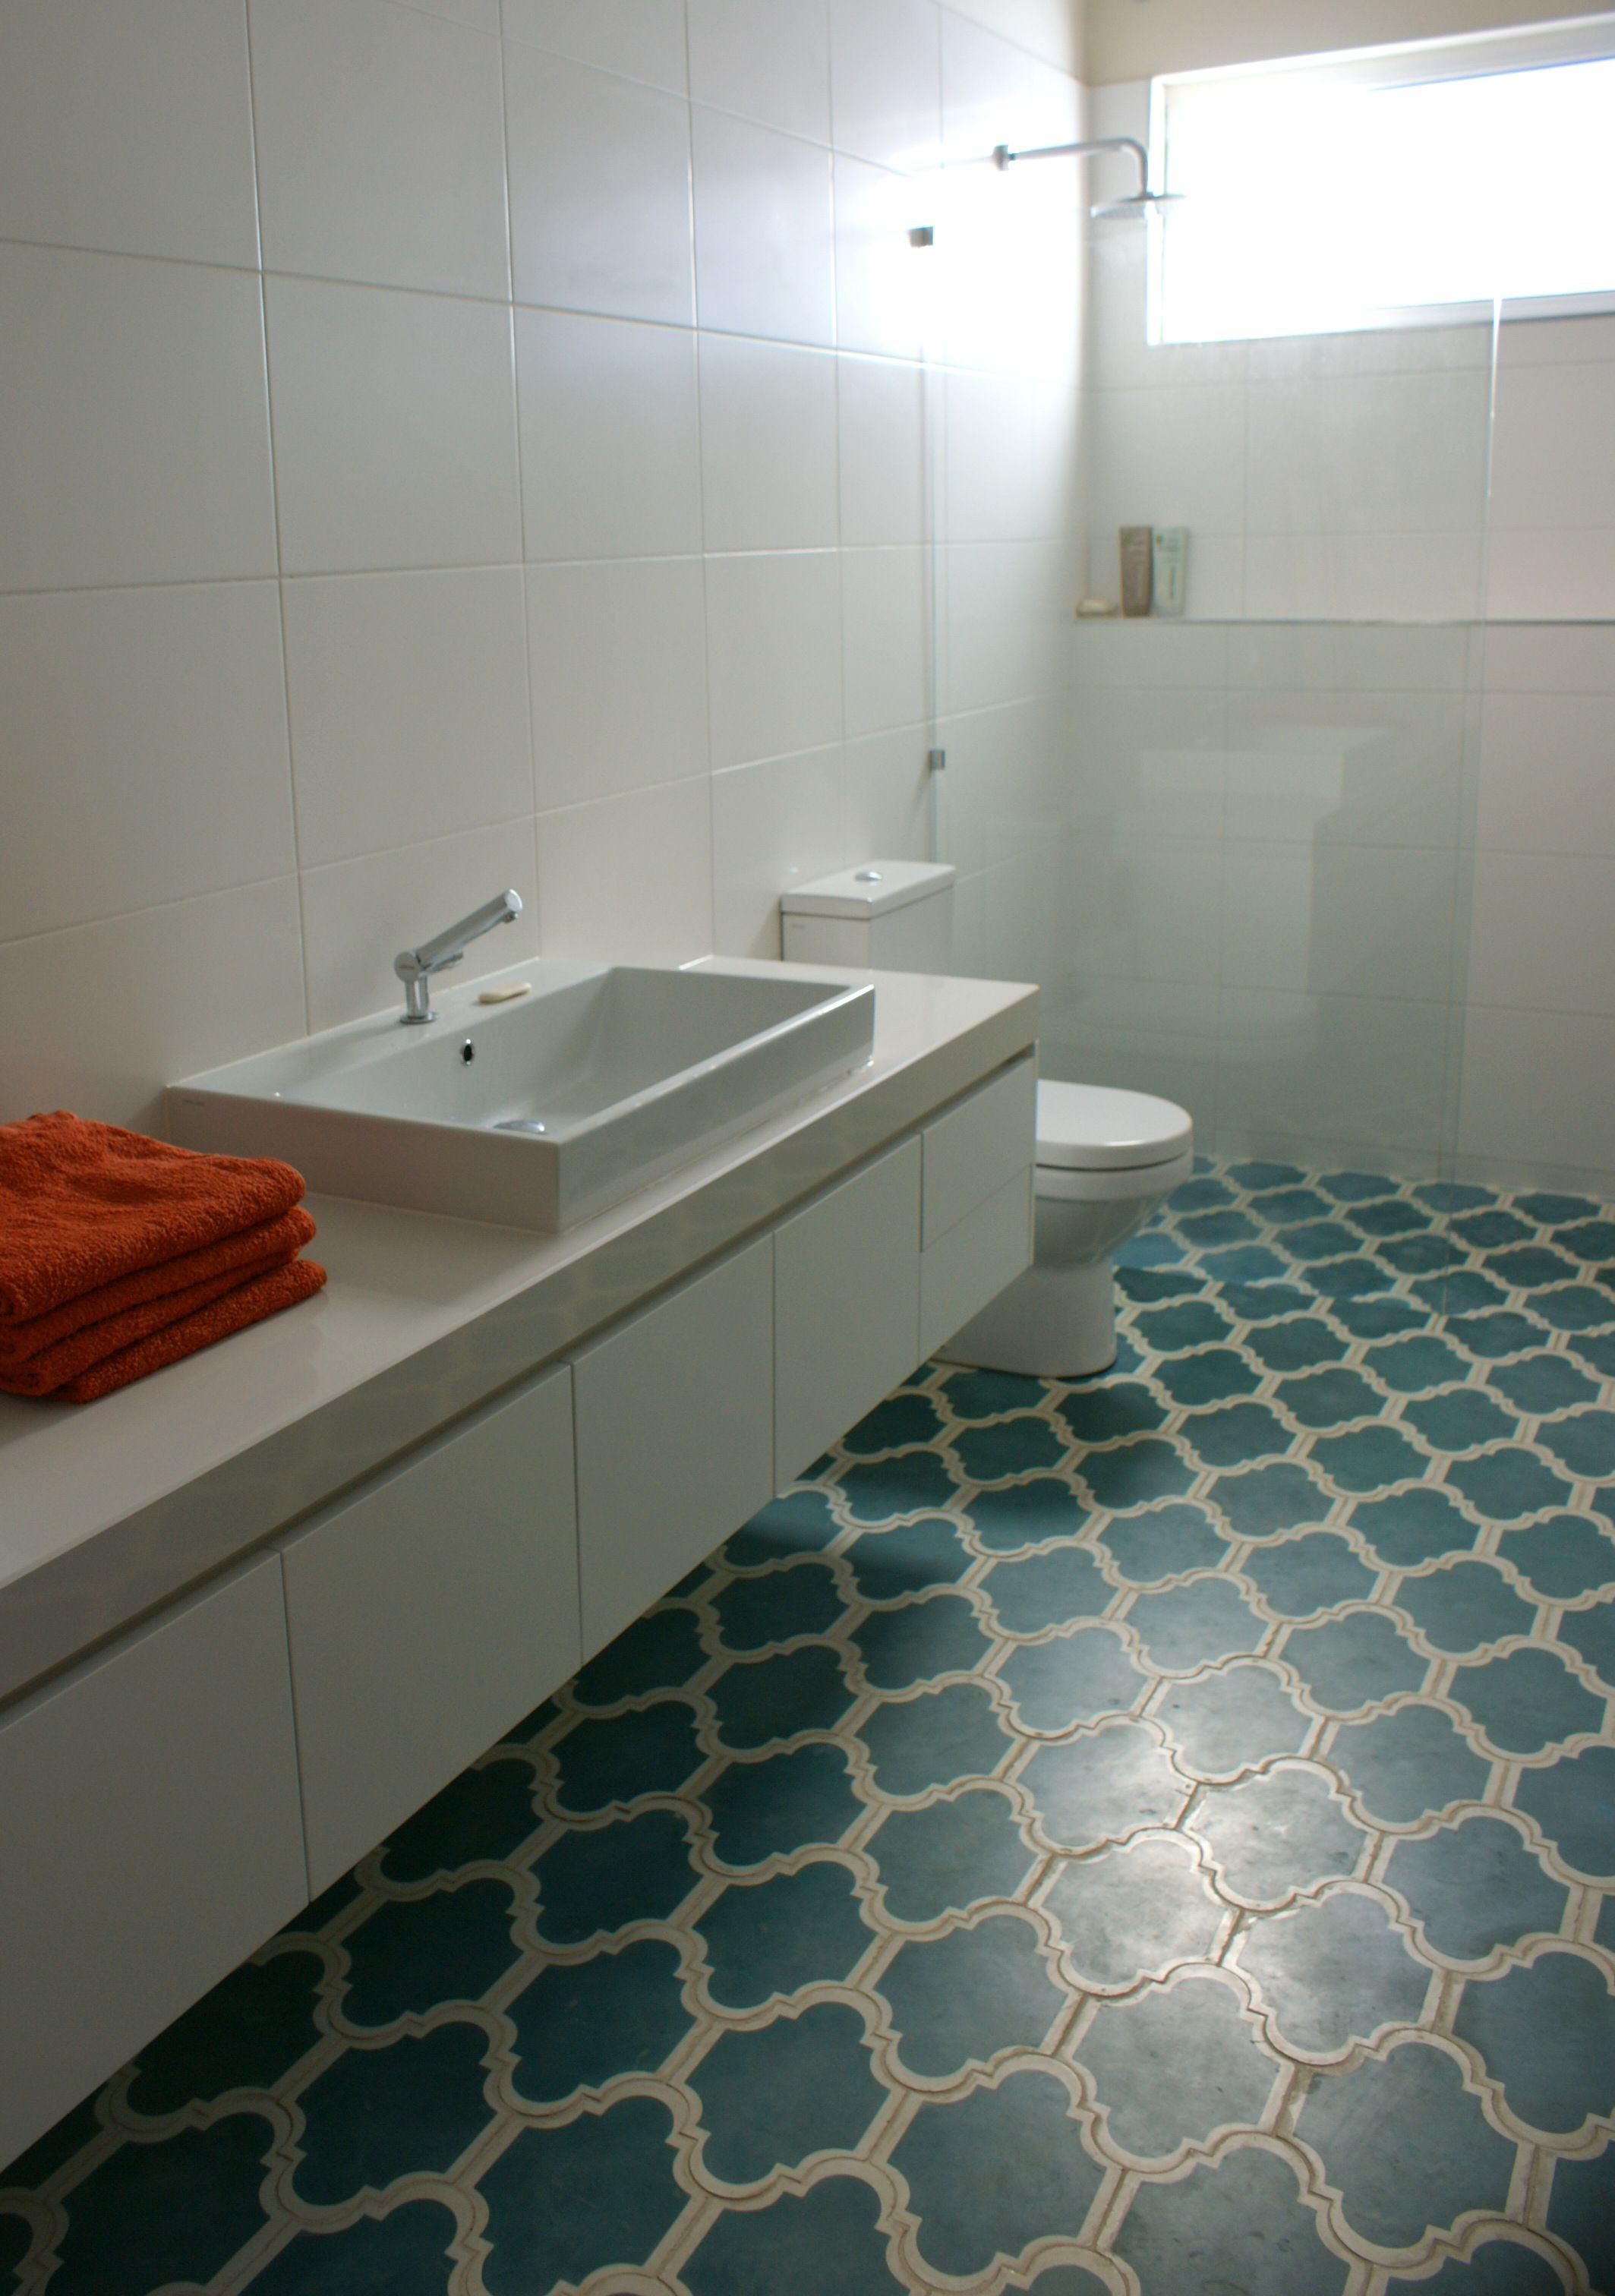 Moroccan floor tiles culture morocco pinterest moroccan moroccan floor tiles dailygadgetfo Gallery